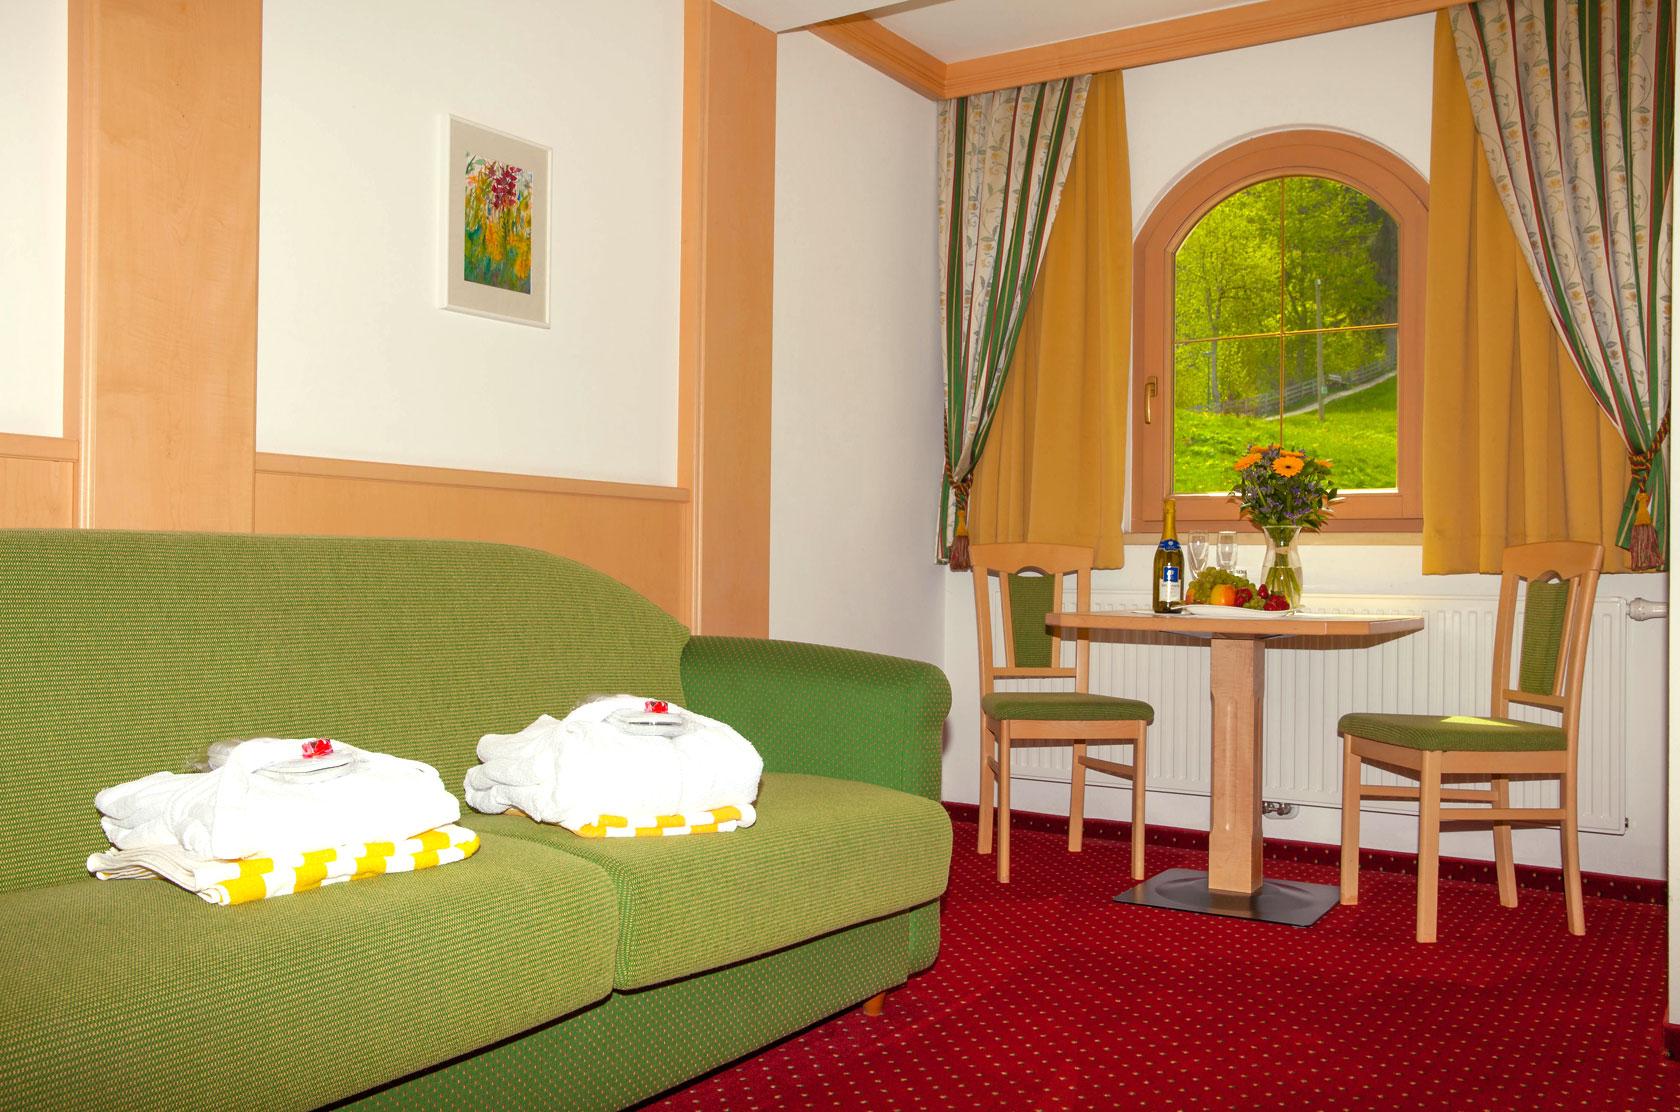 Wohnbereich mit Couch und Sitzecke